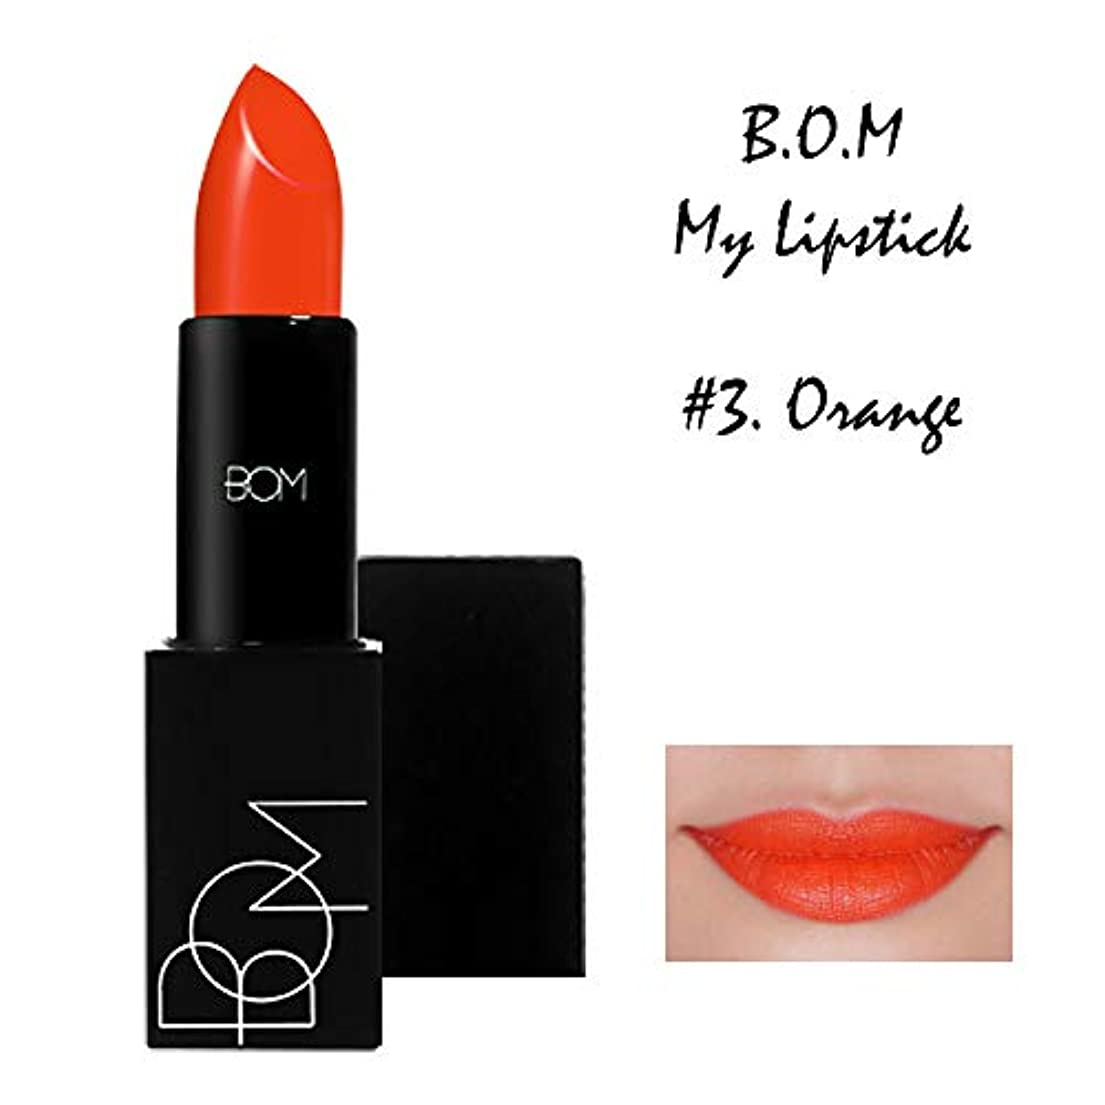 富溢れんばかりの手紙を書くbom 韓国化粧品6色磁気ケース付きマットリップスティック #803。オレンジ